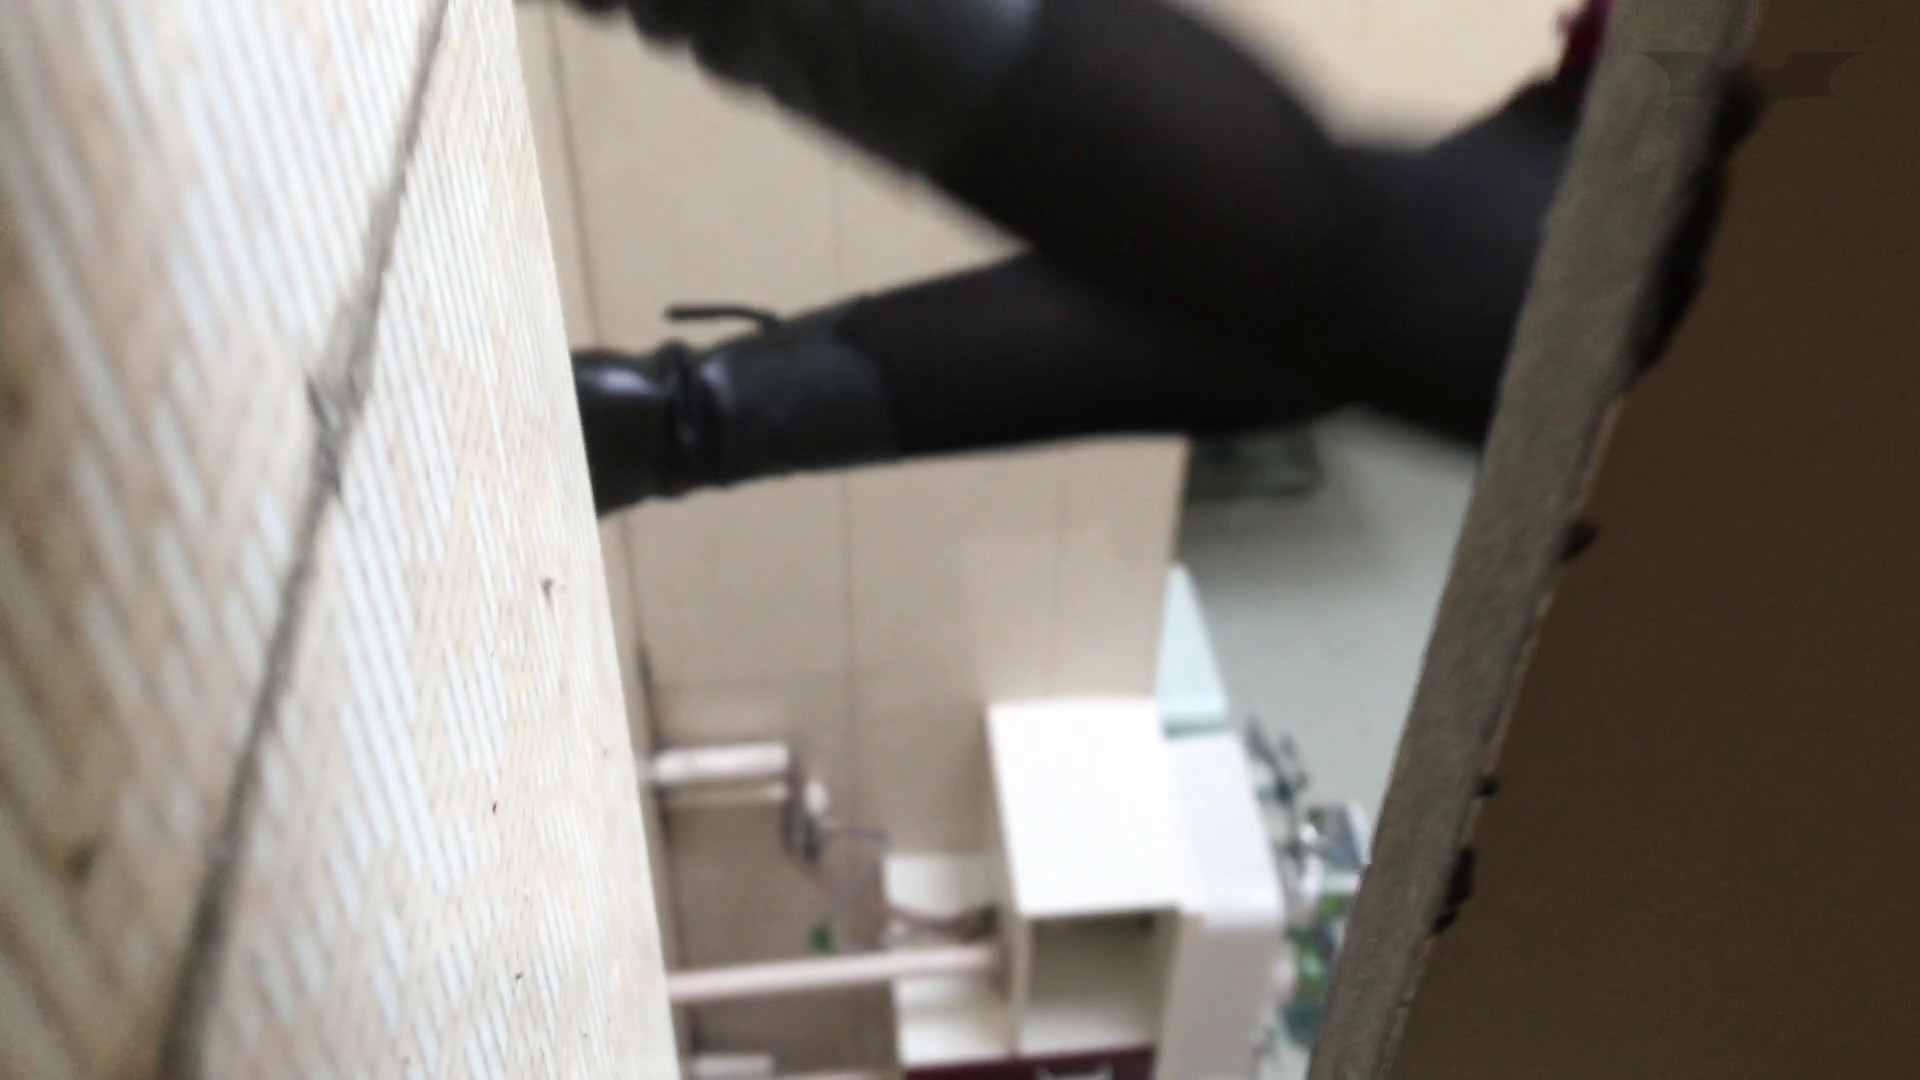 芸術大学ガチ潜入盗撮 JD盗撮 美女の洗面所の秘密 Vol.111 お姉さん攻略  96画像 28